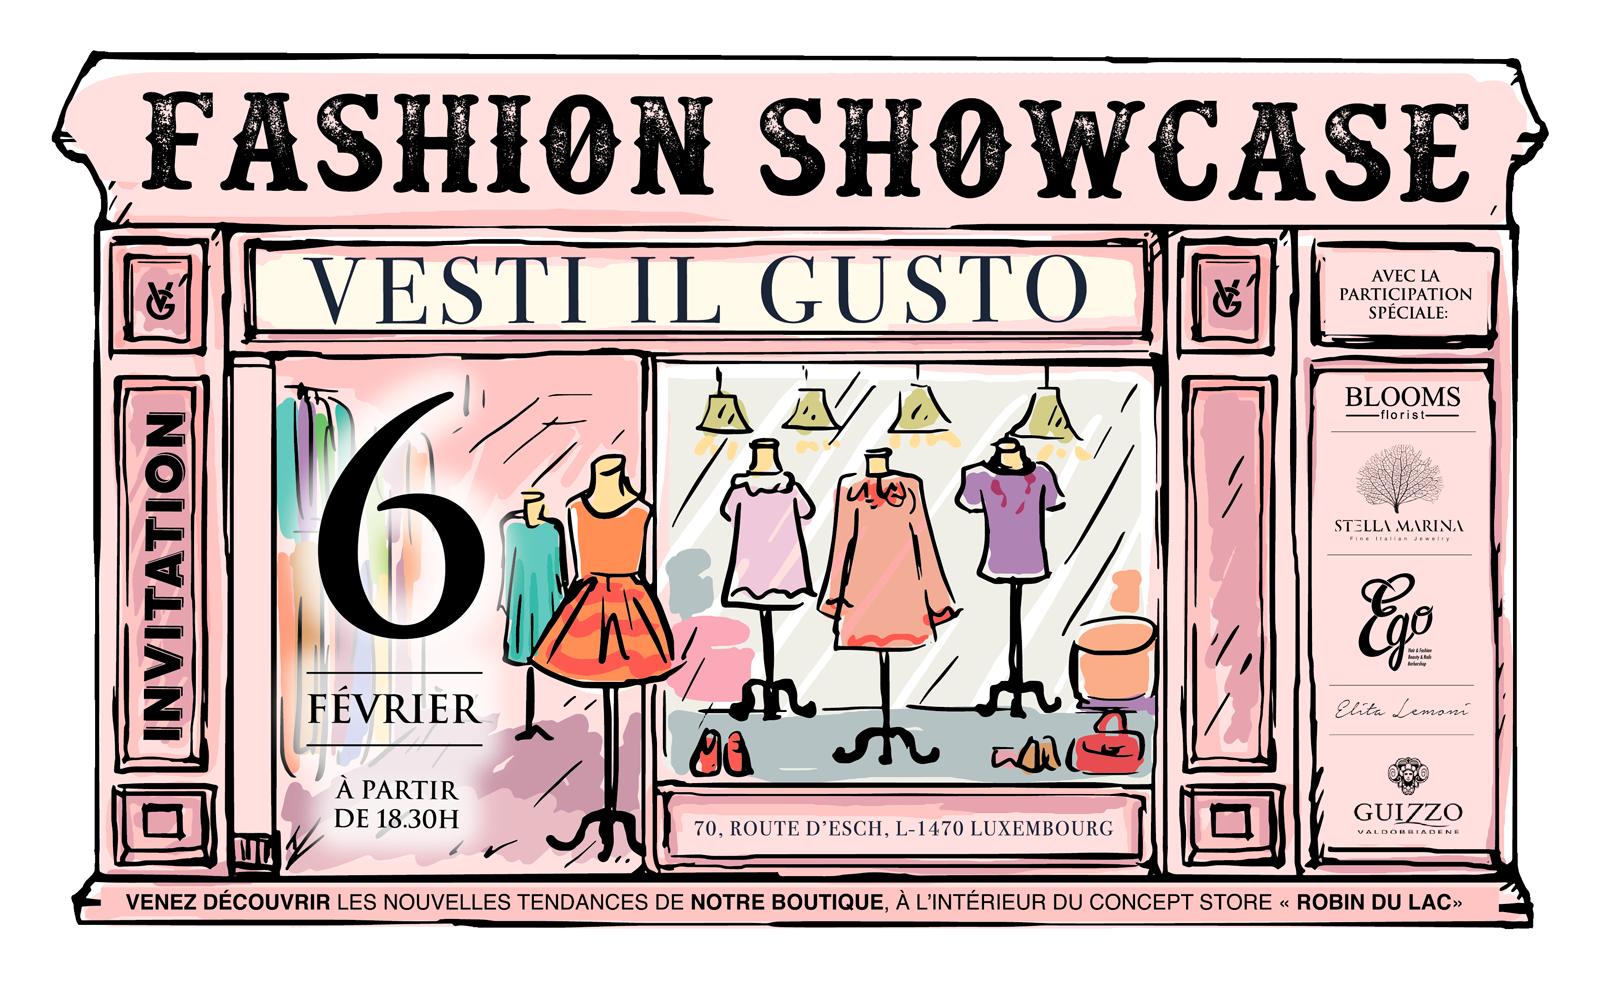 Fashion Showcase | MARDI 6 FÉVRIER 2018